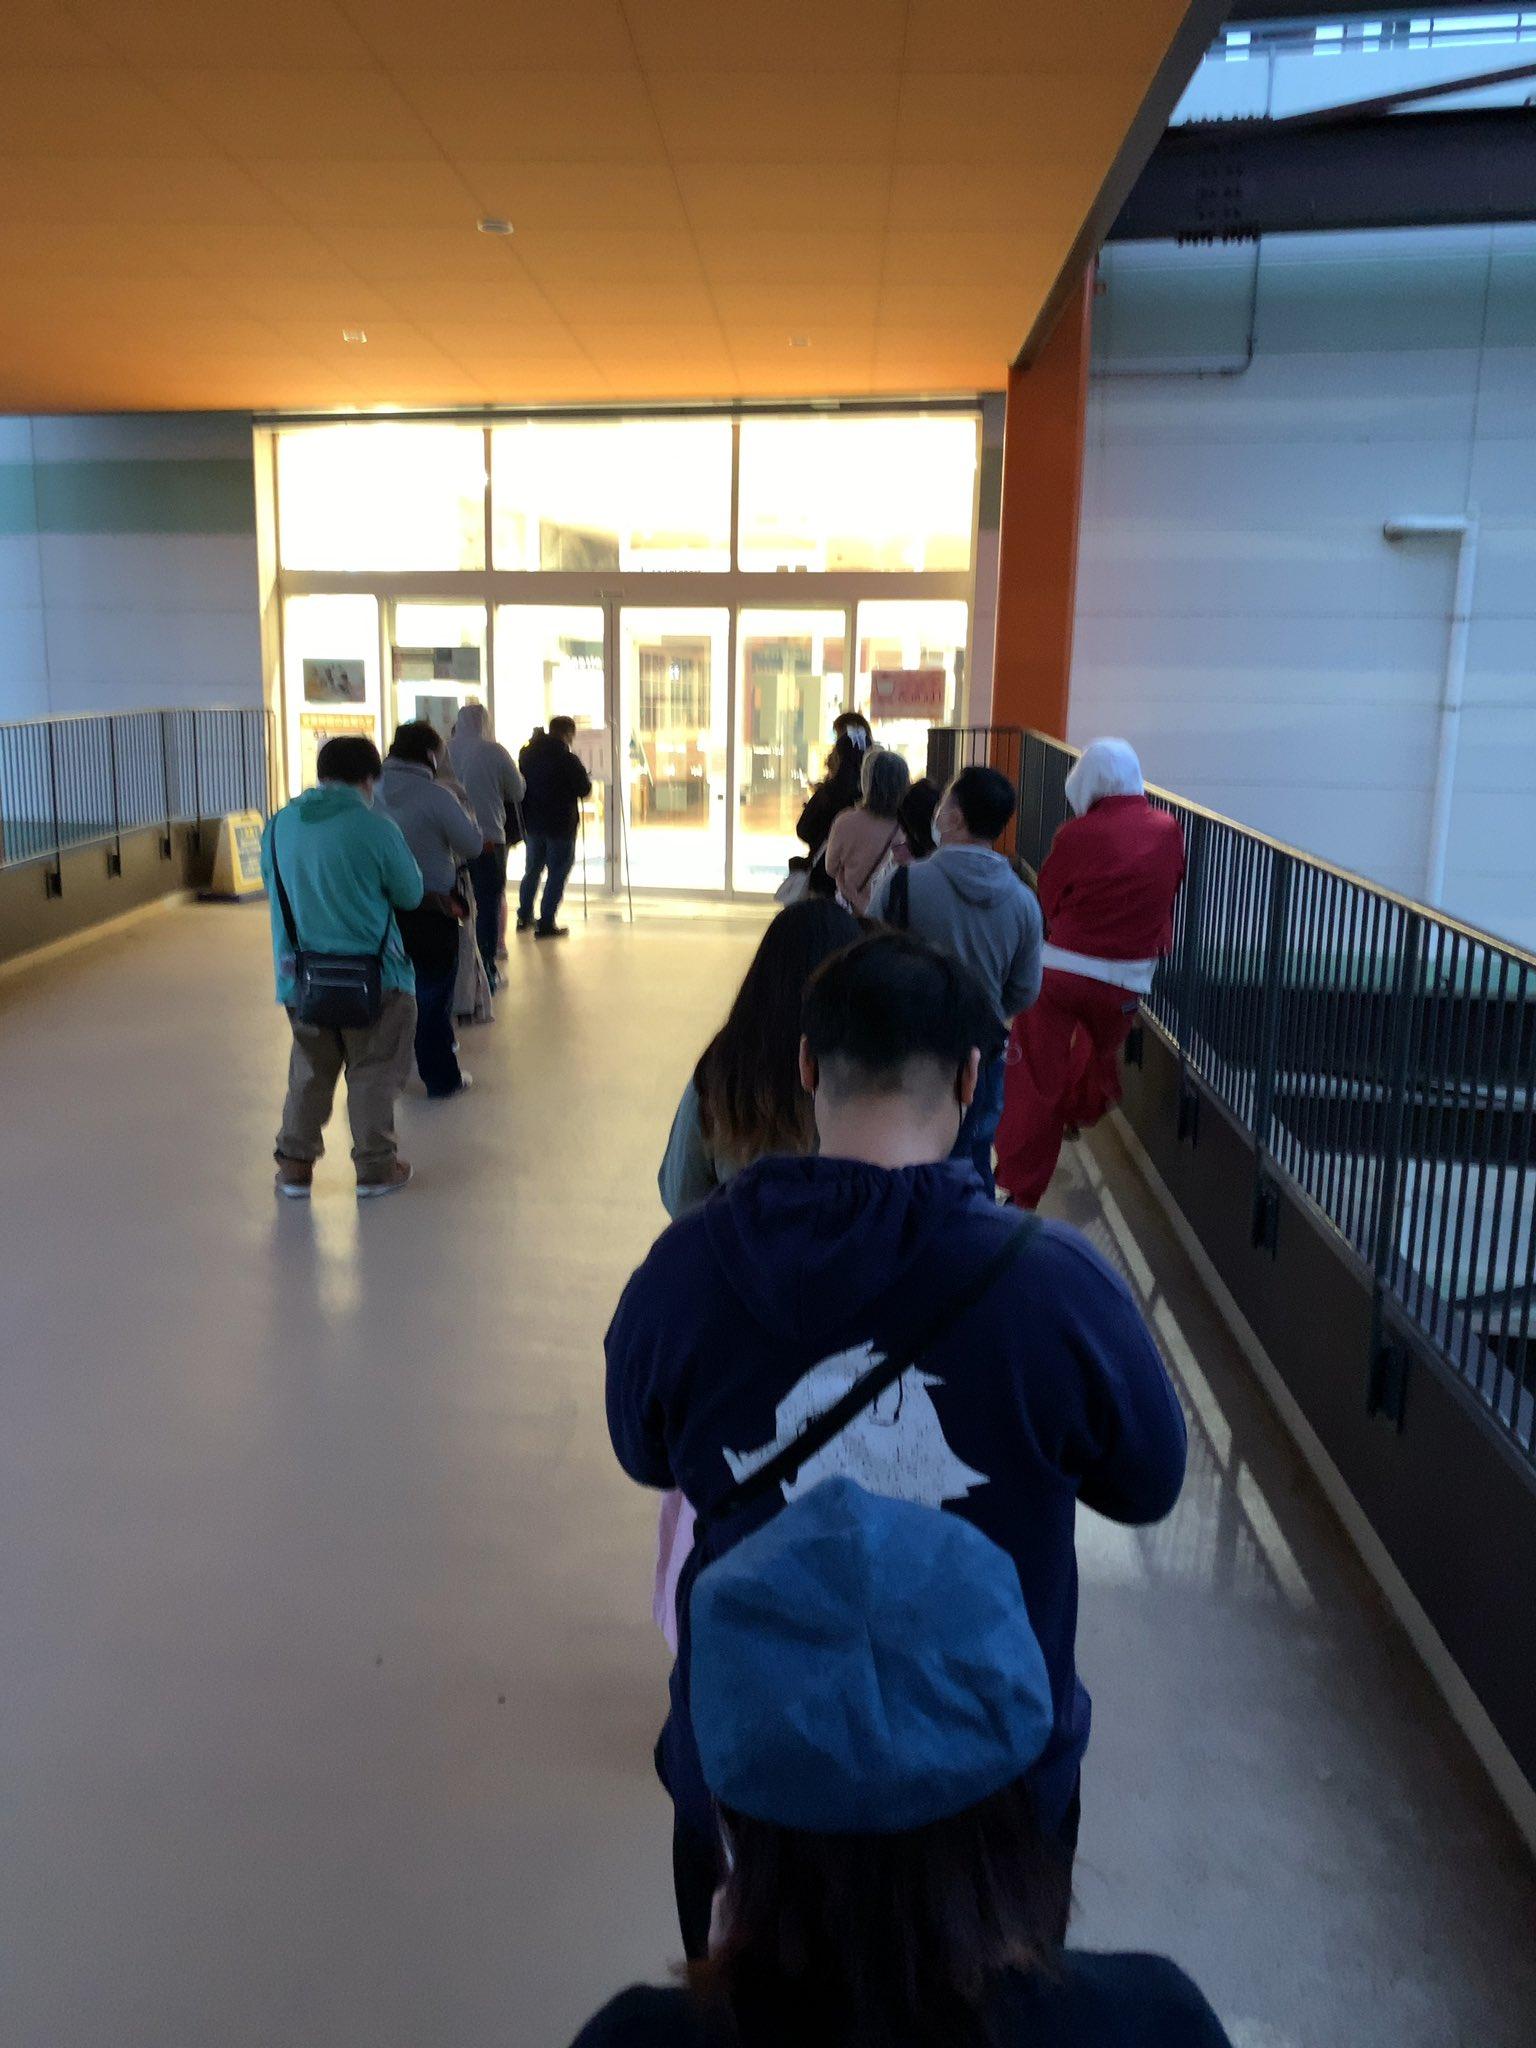 画像,劇場版鬼滅の刃のグッズを買うために列に並んでるところ。平日の朝だし、居ても数人だろ!と思っていたのに、割と居たwパンフのみ購入する列とグッズとパンフを購入する列…